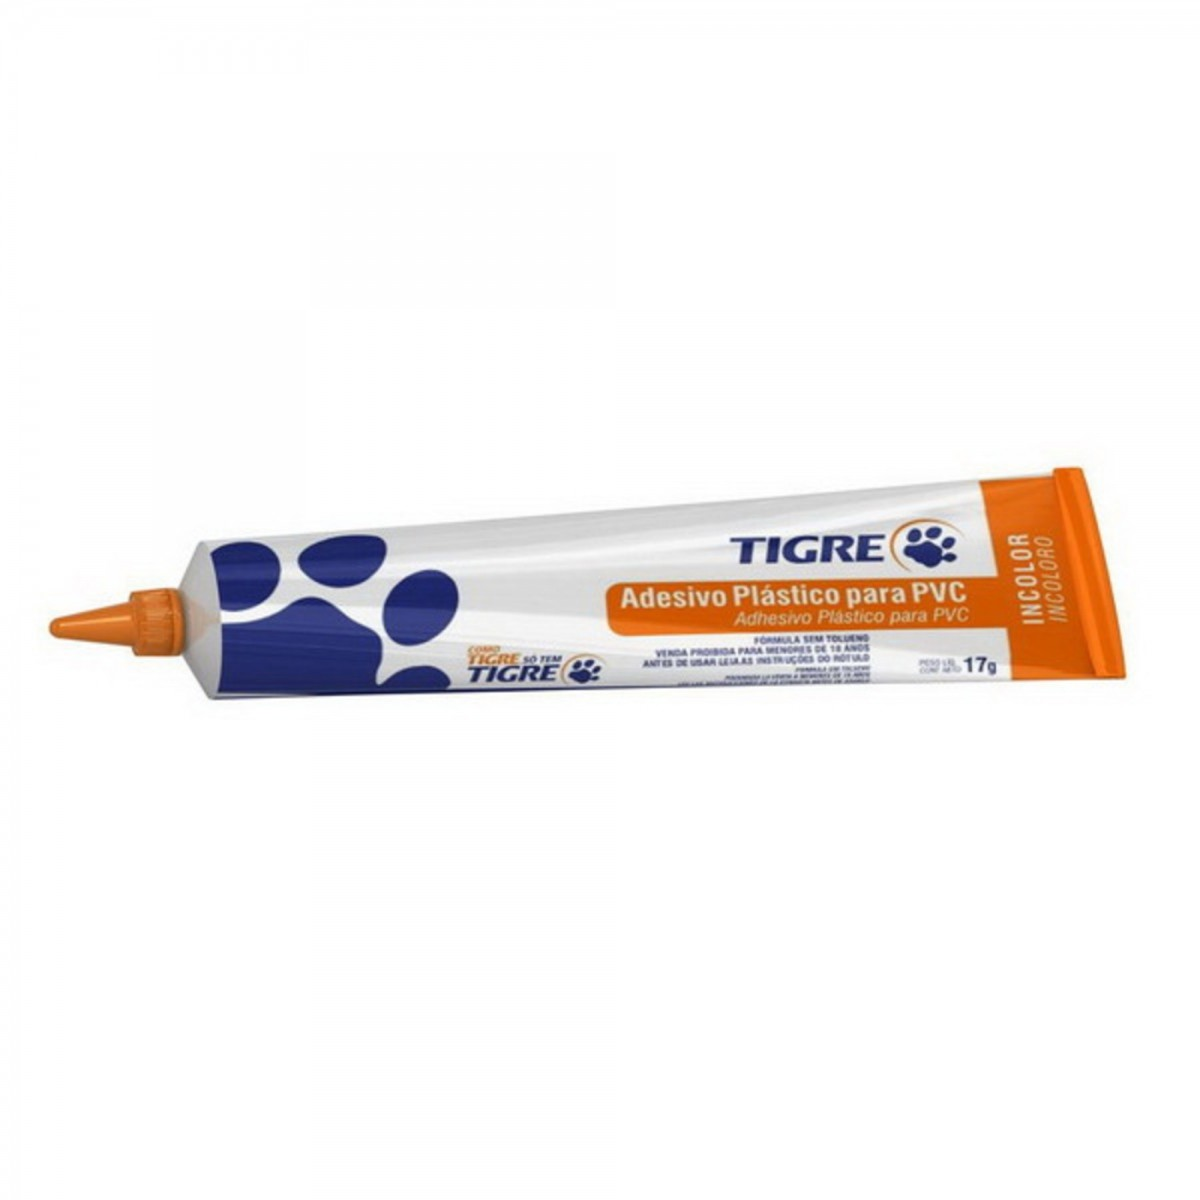 Adesivo Plástico Para PVC 17g Tigre